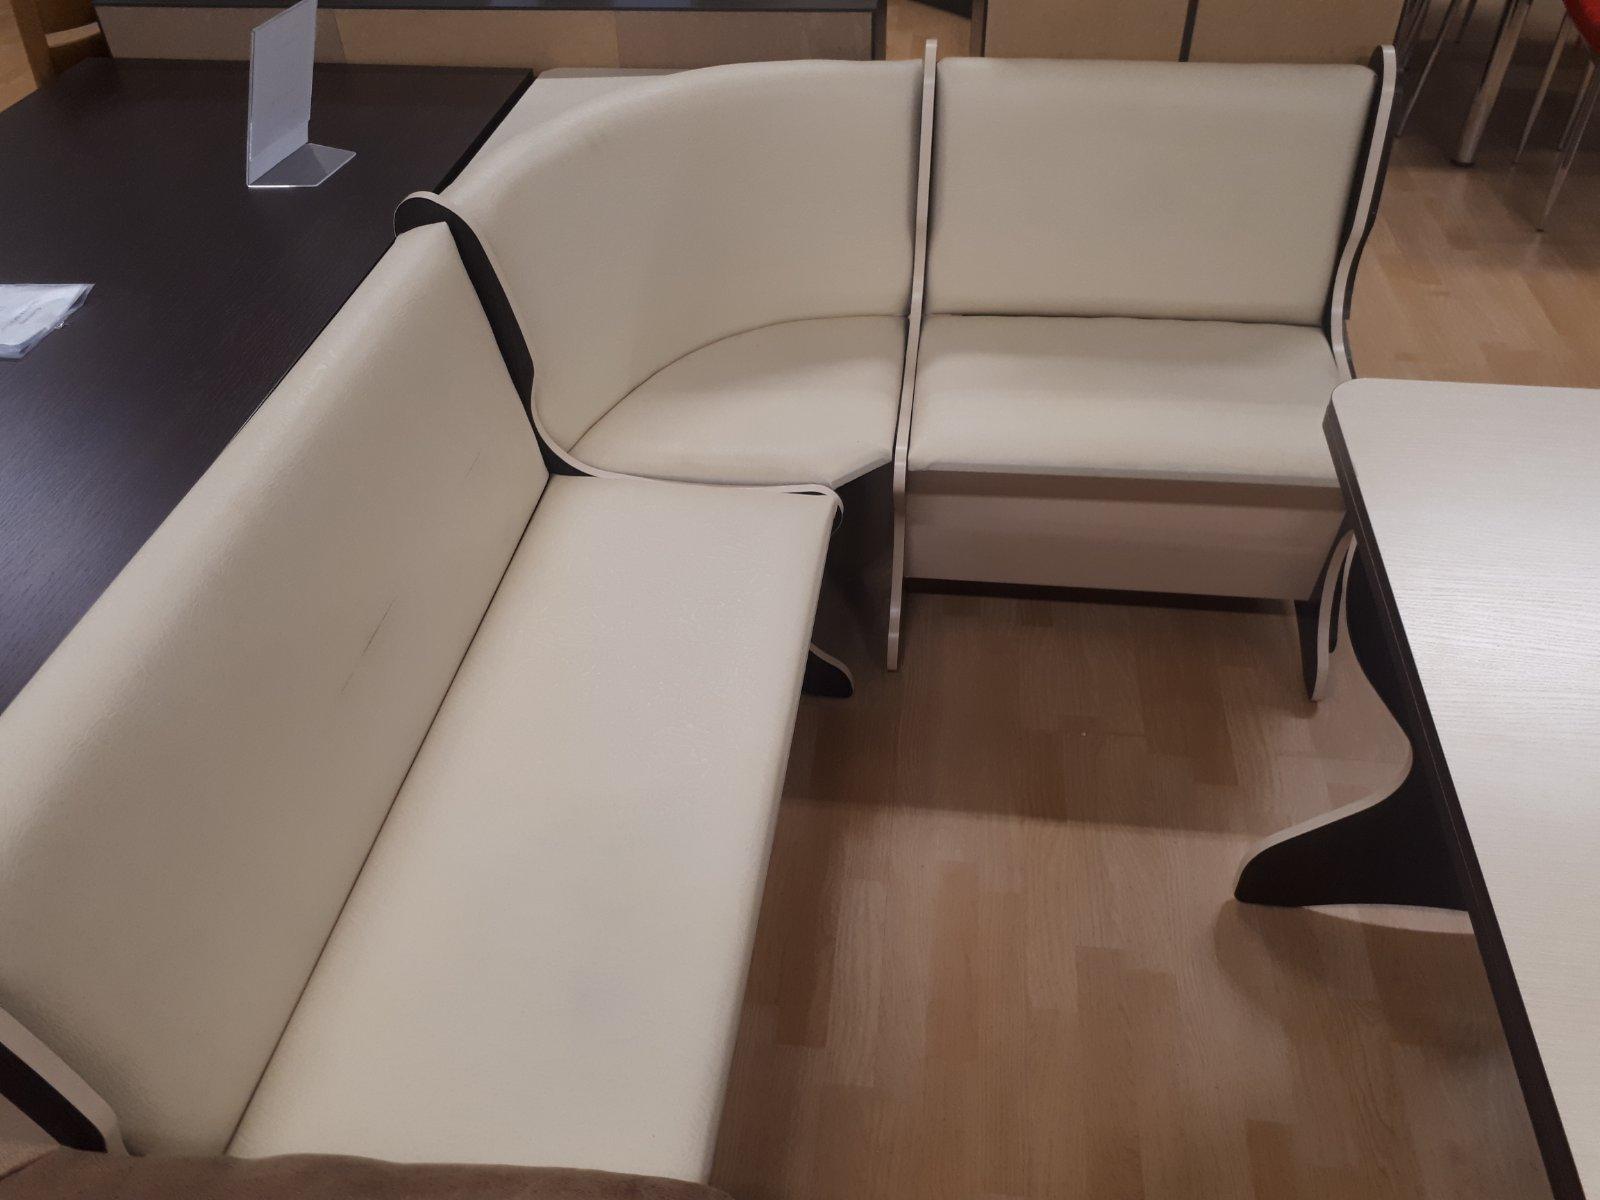 Virtuvės kampas 128x168cm, baltas | Būsto Pasaulis